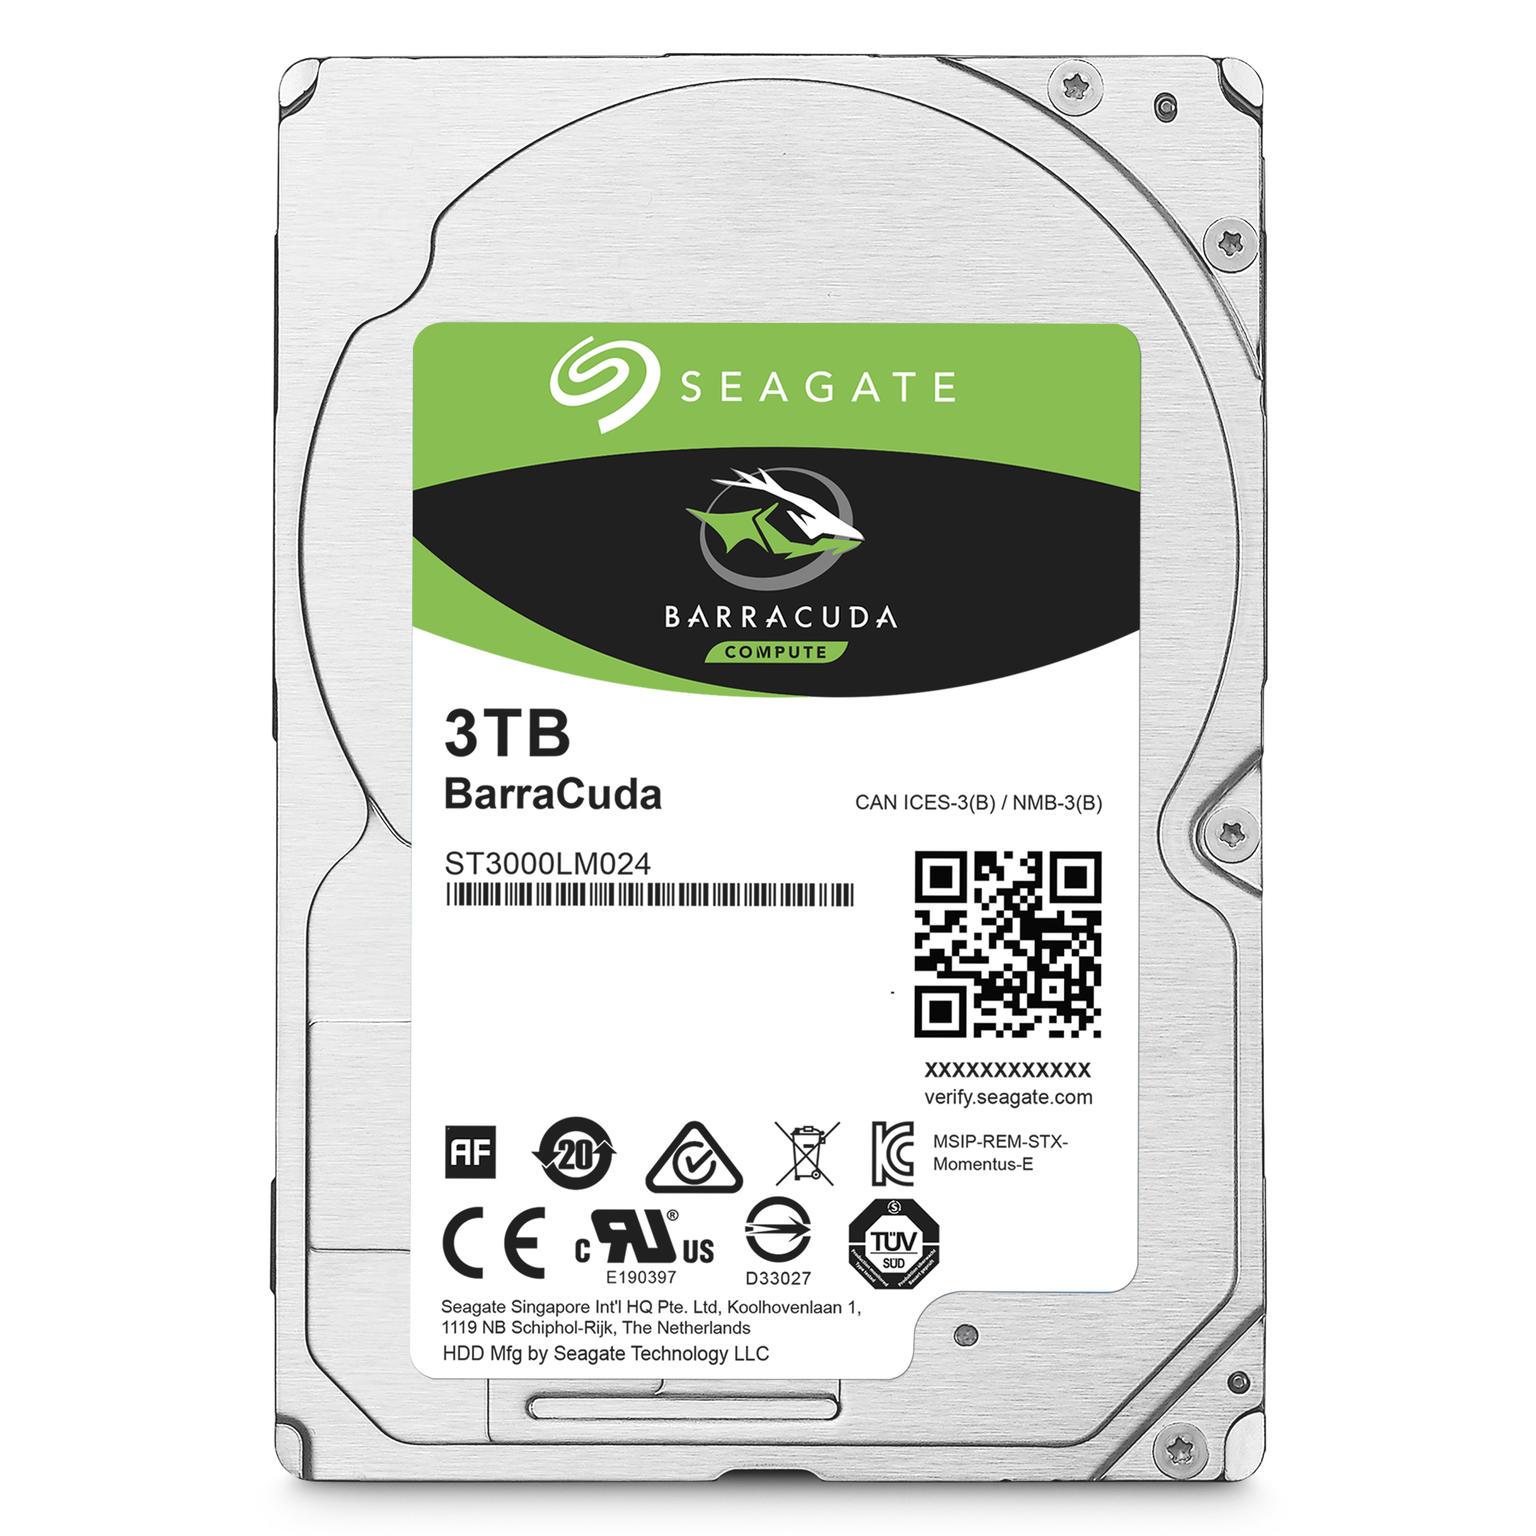 Seagate BarraCuda 3TB ST3000LM024